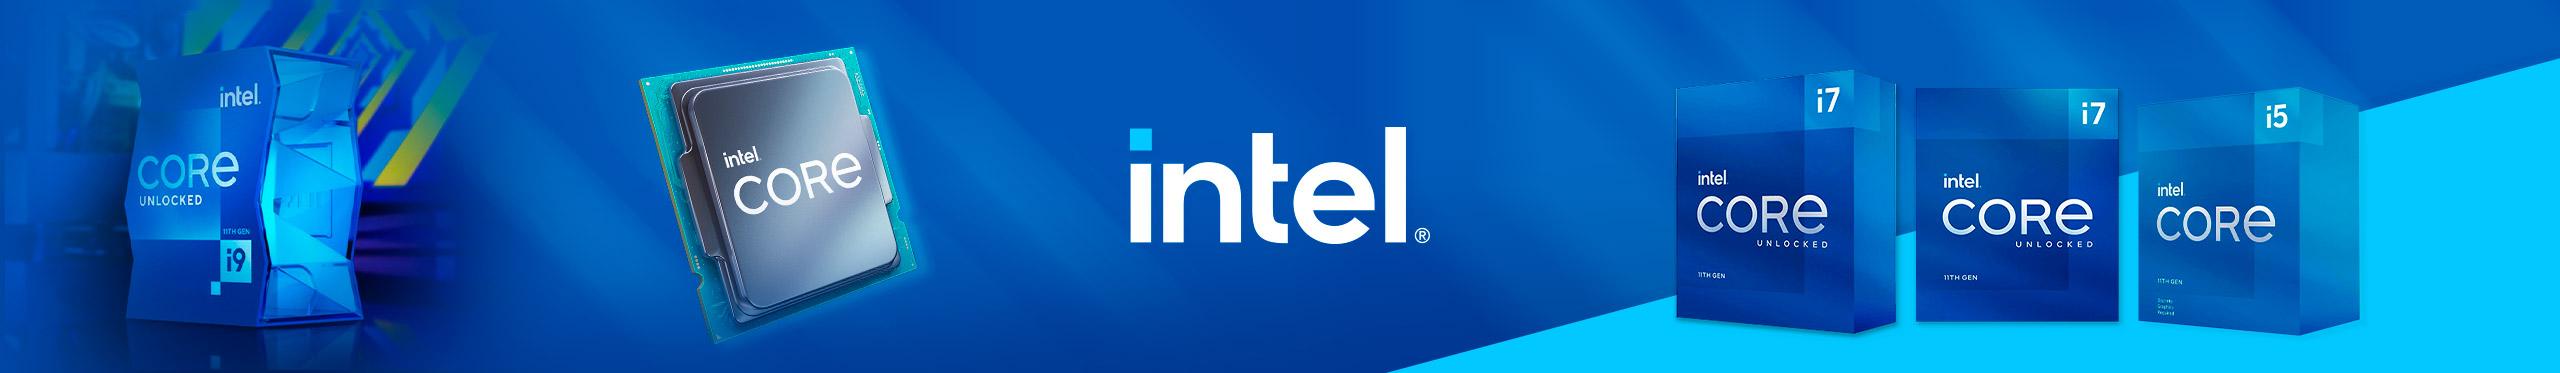 Domine o seu jogo com os processadores Intel 11th.